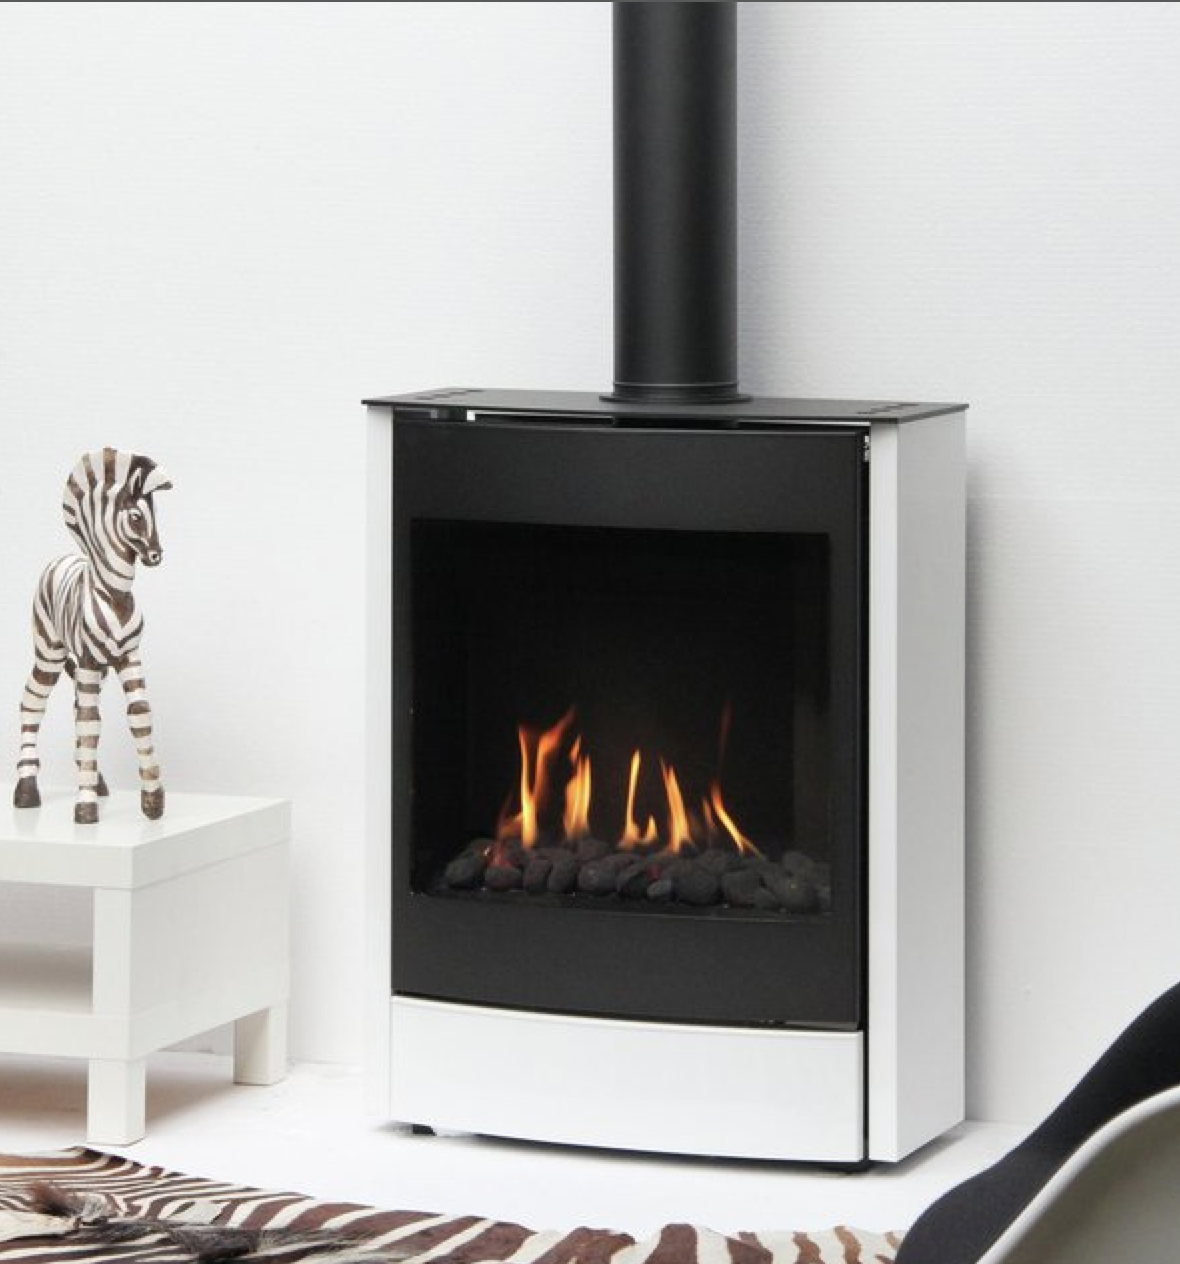 d couvrez nos nouveaux produits au gaz ferrante. Black Bedroom Furniture Sets. Home Design Ideas